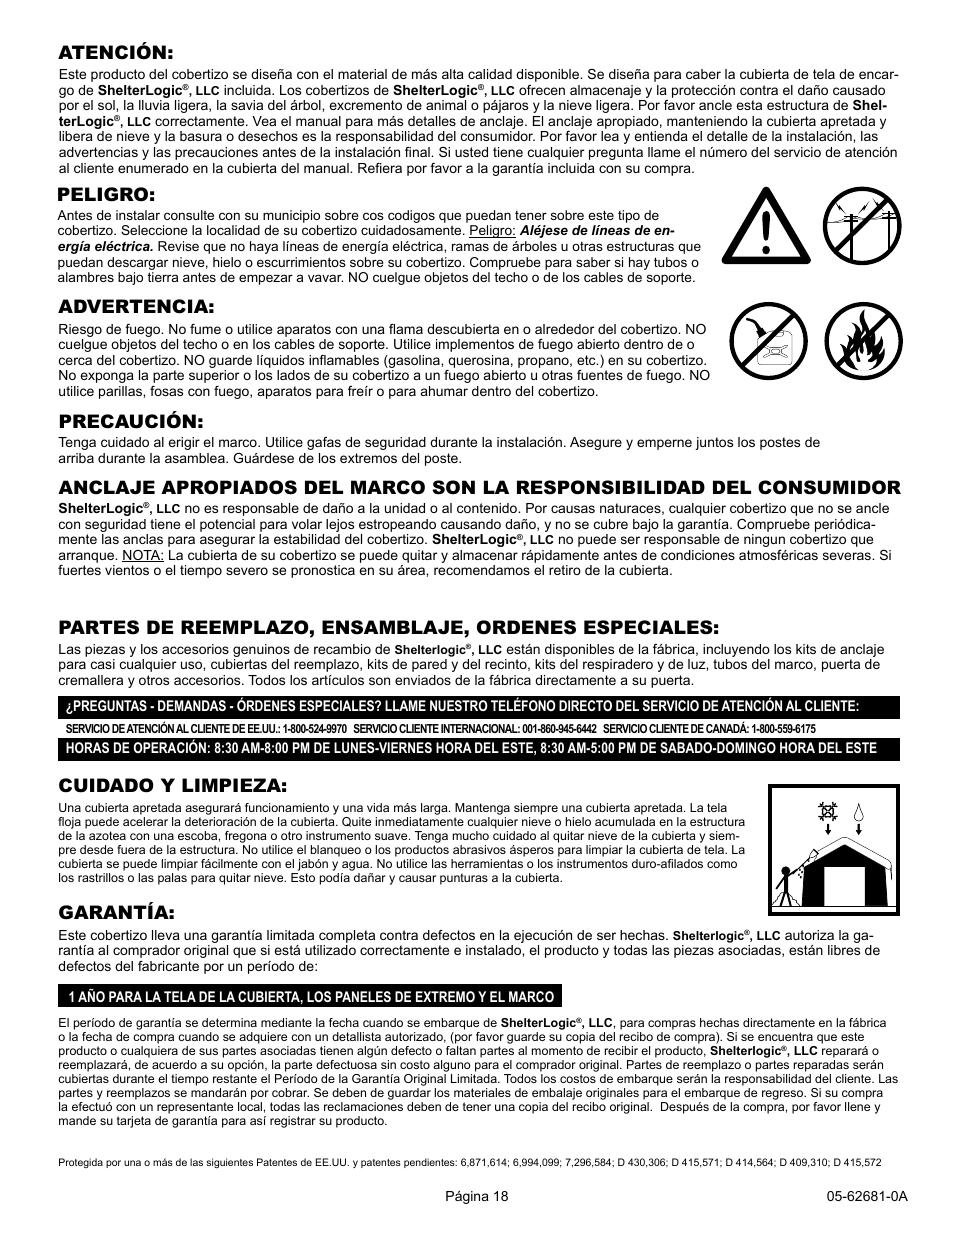 Cuidado y limpieza, Atención, Peligro   ShelterLogic 62681 10 x 15 x ...